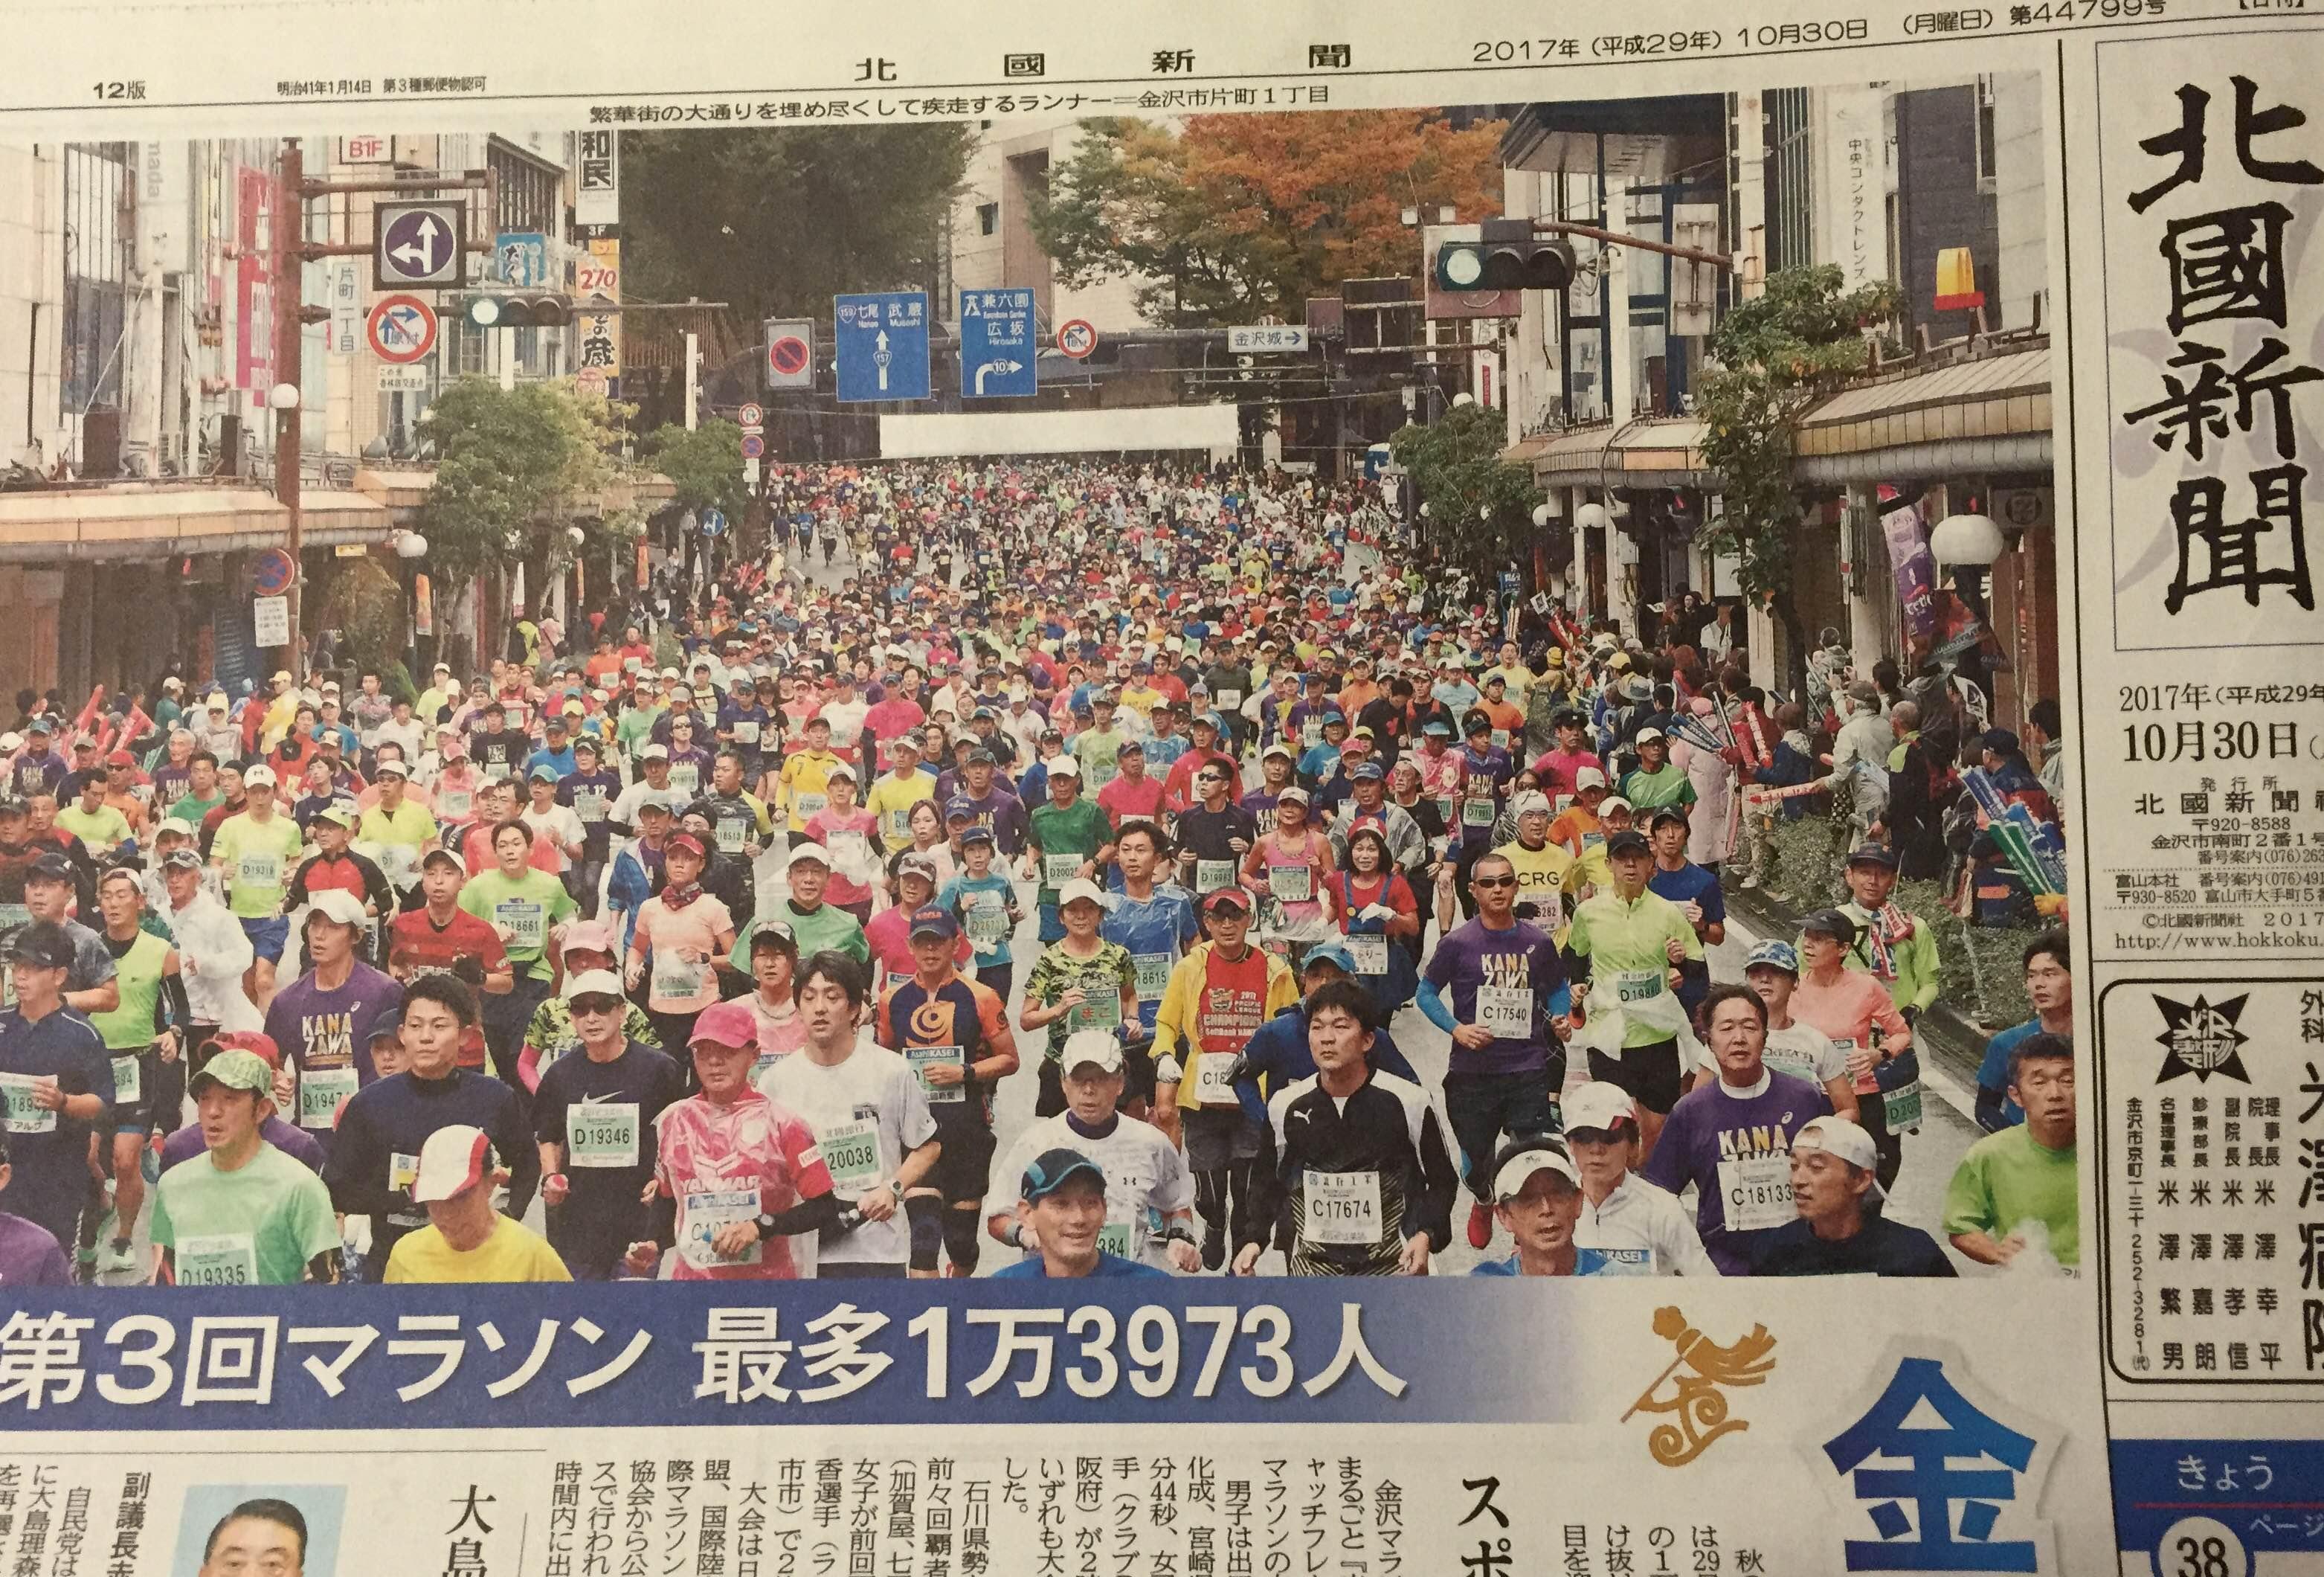 『断捨離マラソン2017・No.28「薬・サプリ・アロマオイル」』